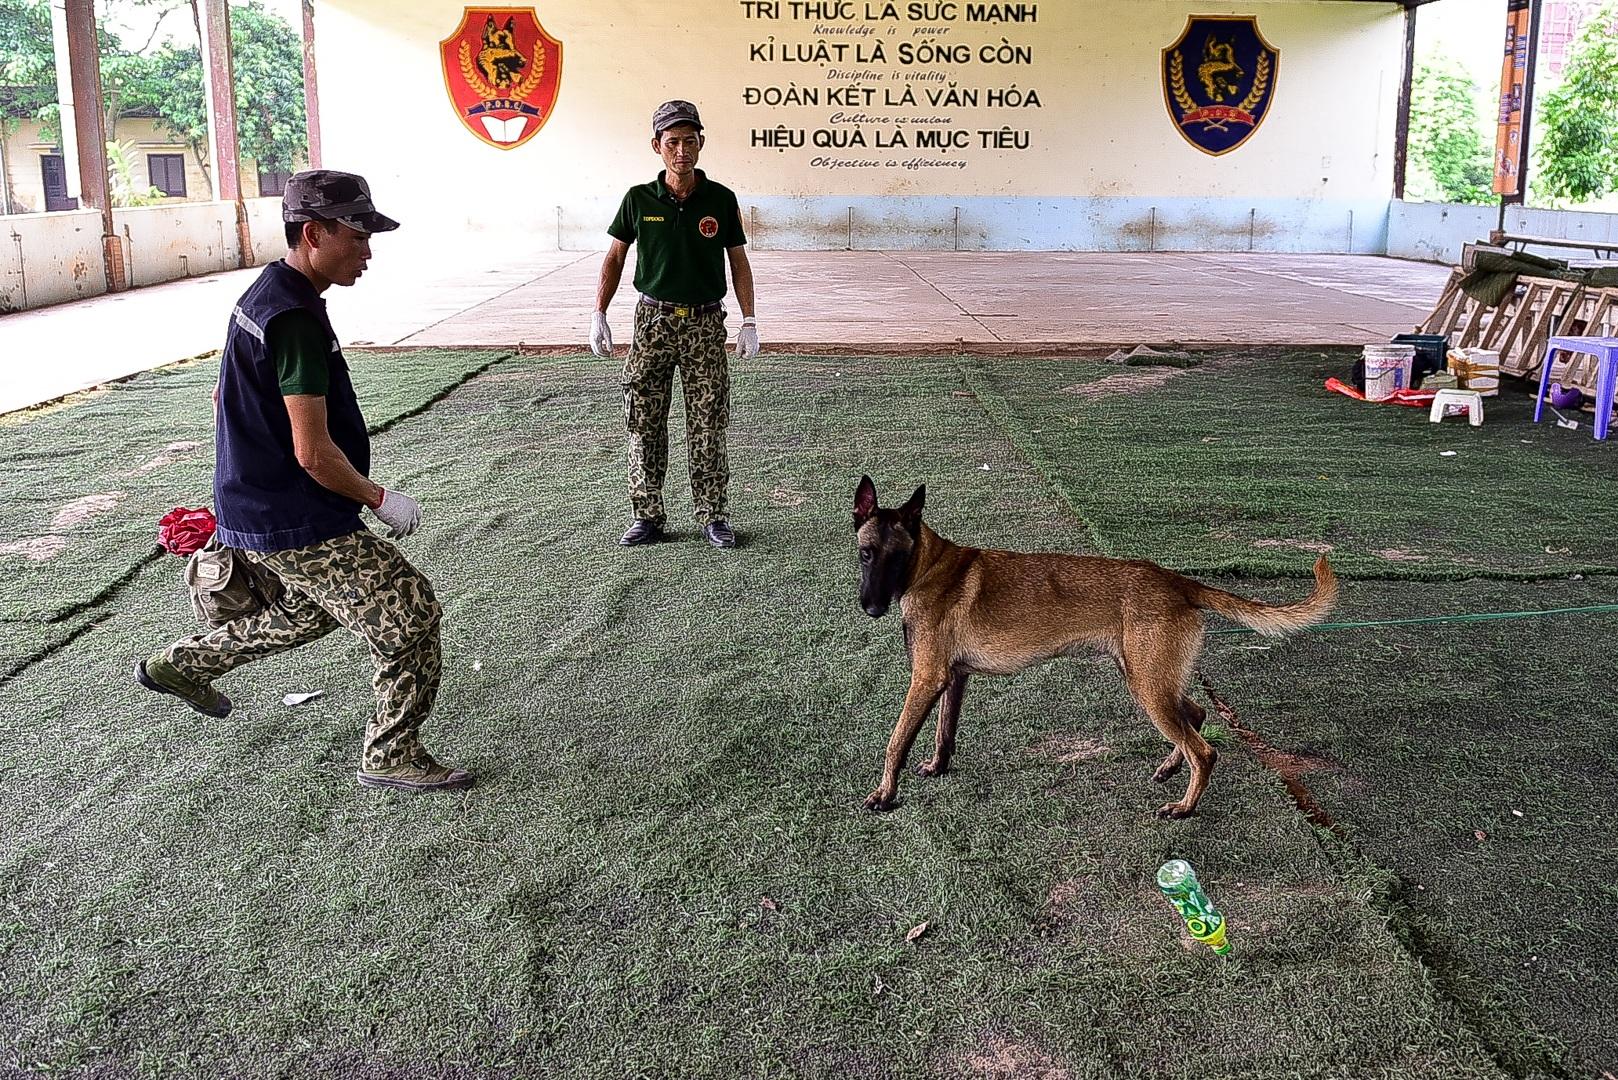 Sau hàng loạt vụ chó tấn công kinh hoàng: Những kinh nghiệm sống còn để thoát hiểm - 2